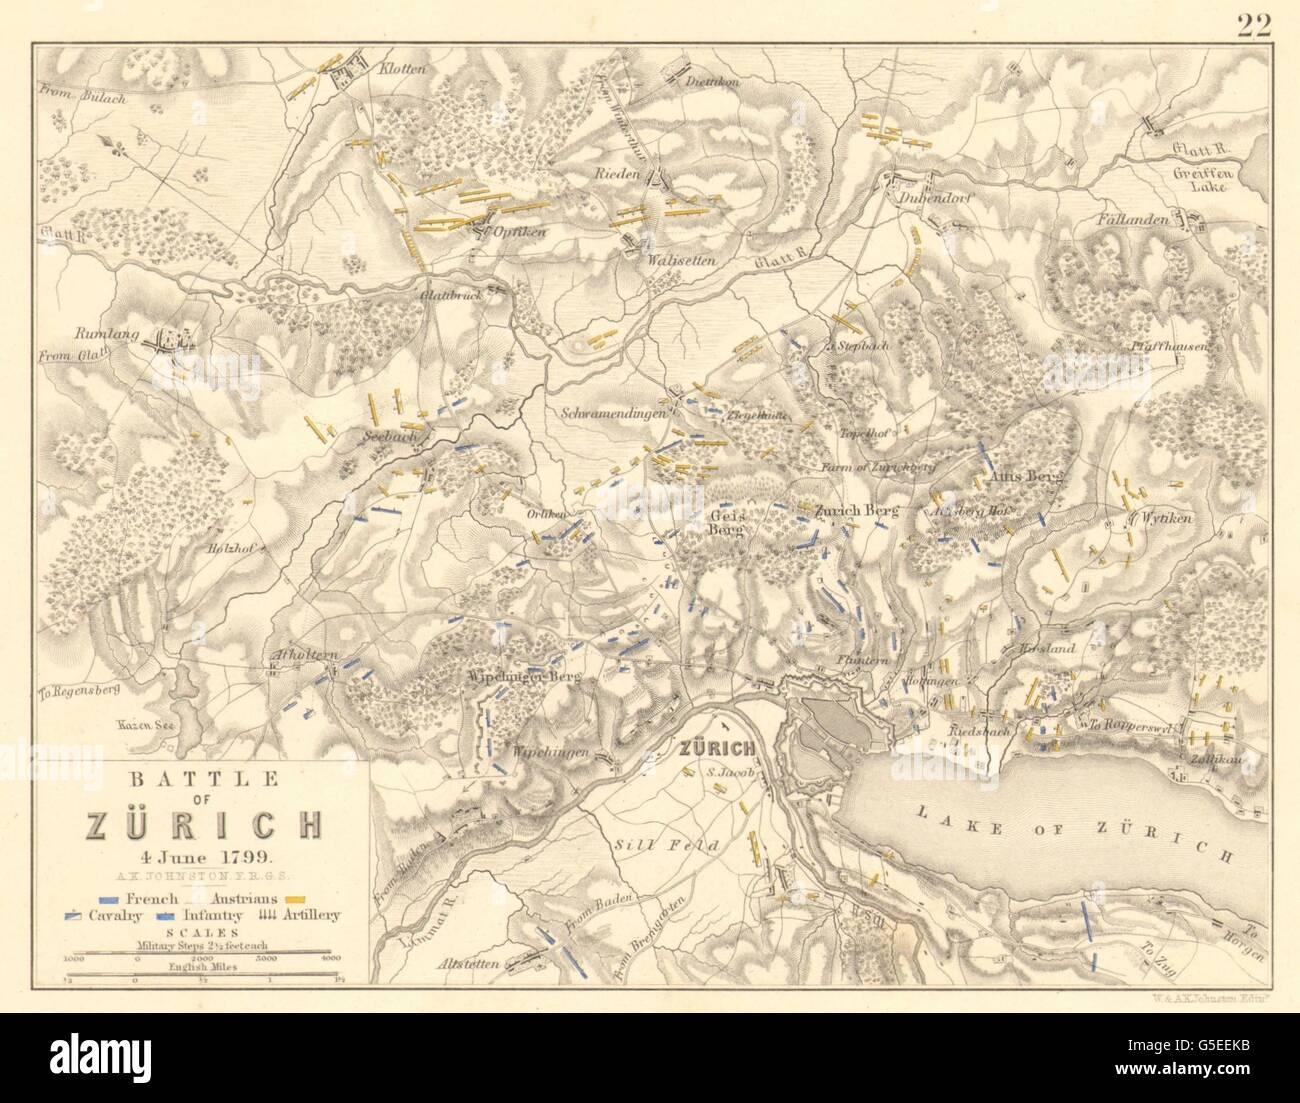 Batalla de Zürich/Zurich: 4º de junio de 1799. Guerras Napoleónicas, 1848 mapa antiguo Foto de stock